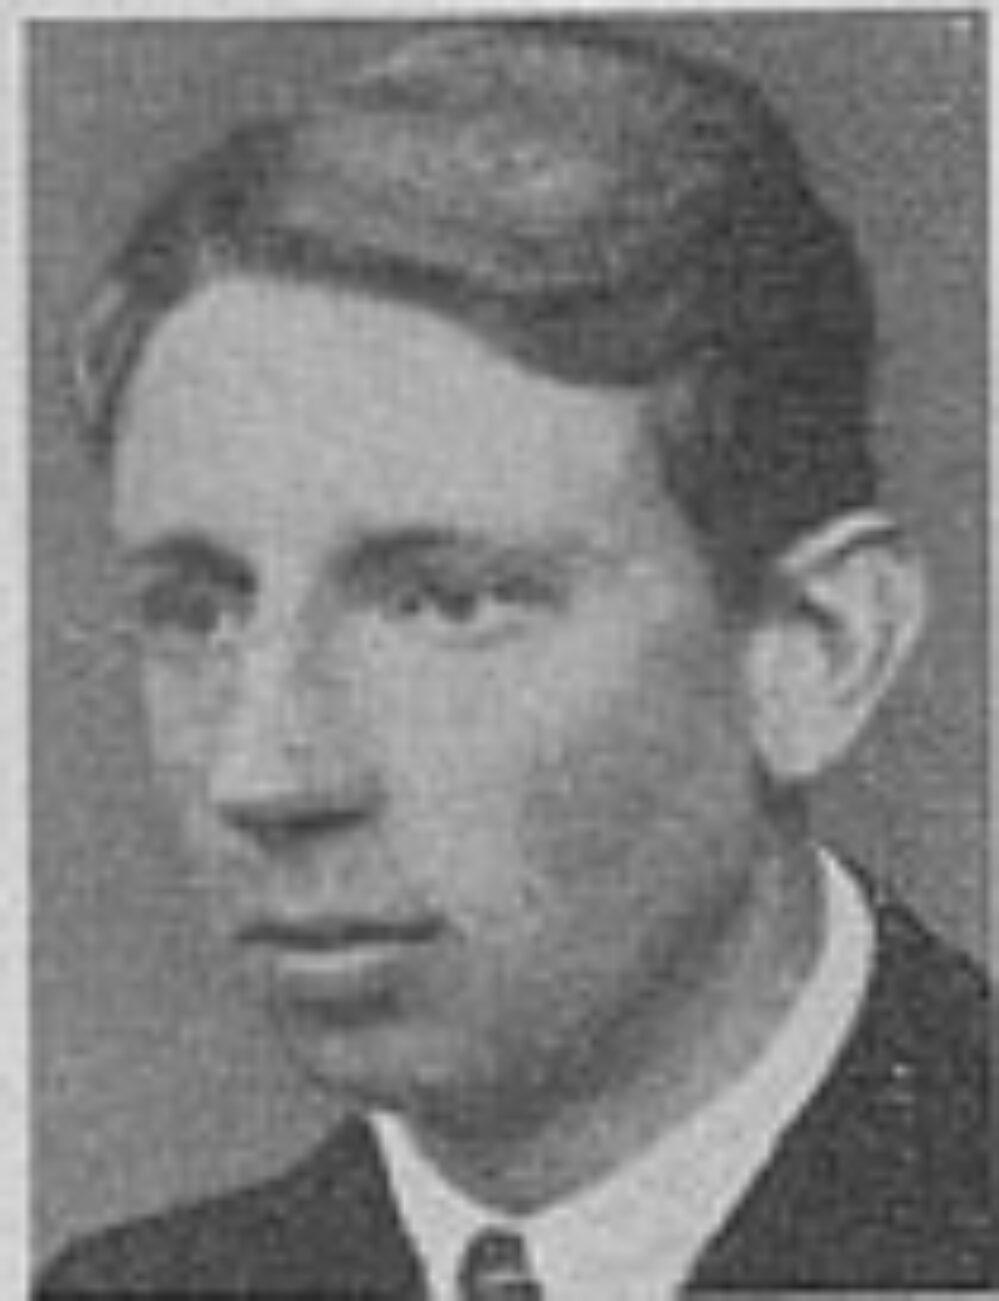 Jens Aage Kjeld Johannessen